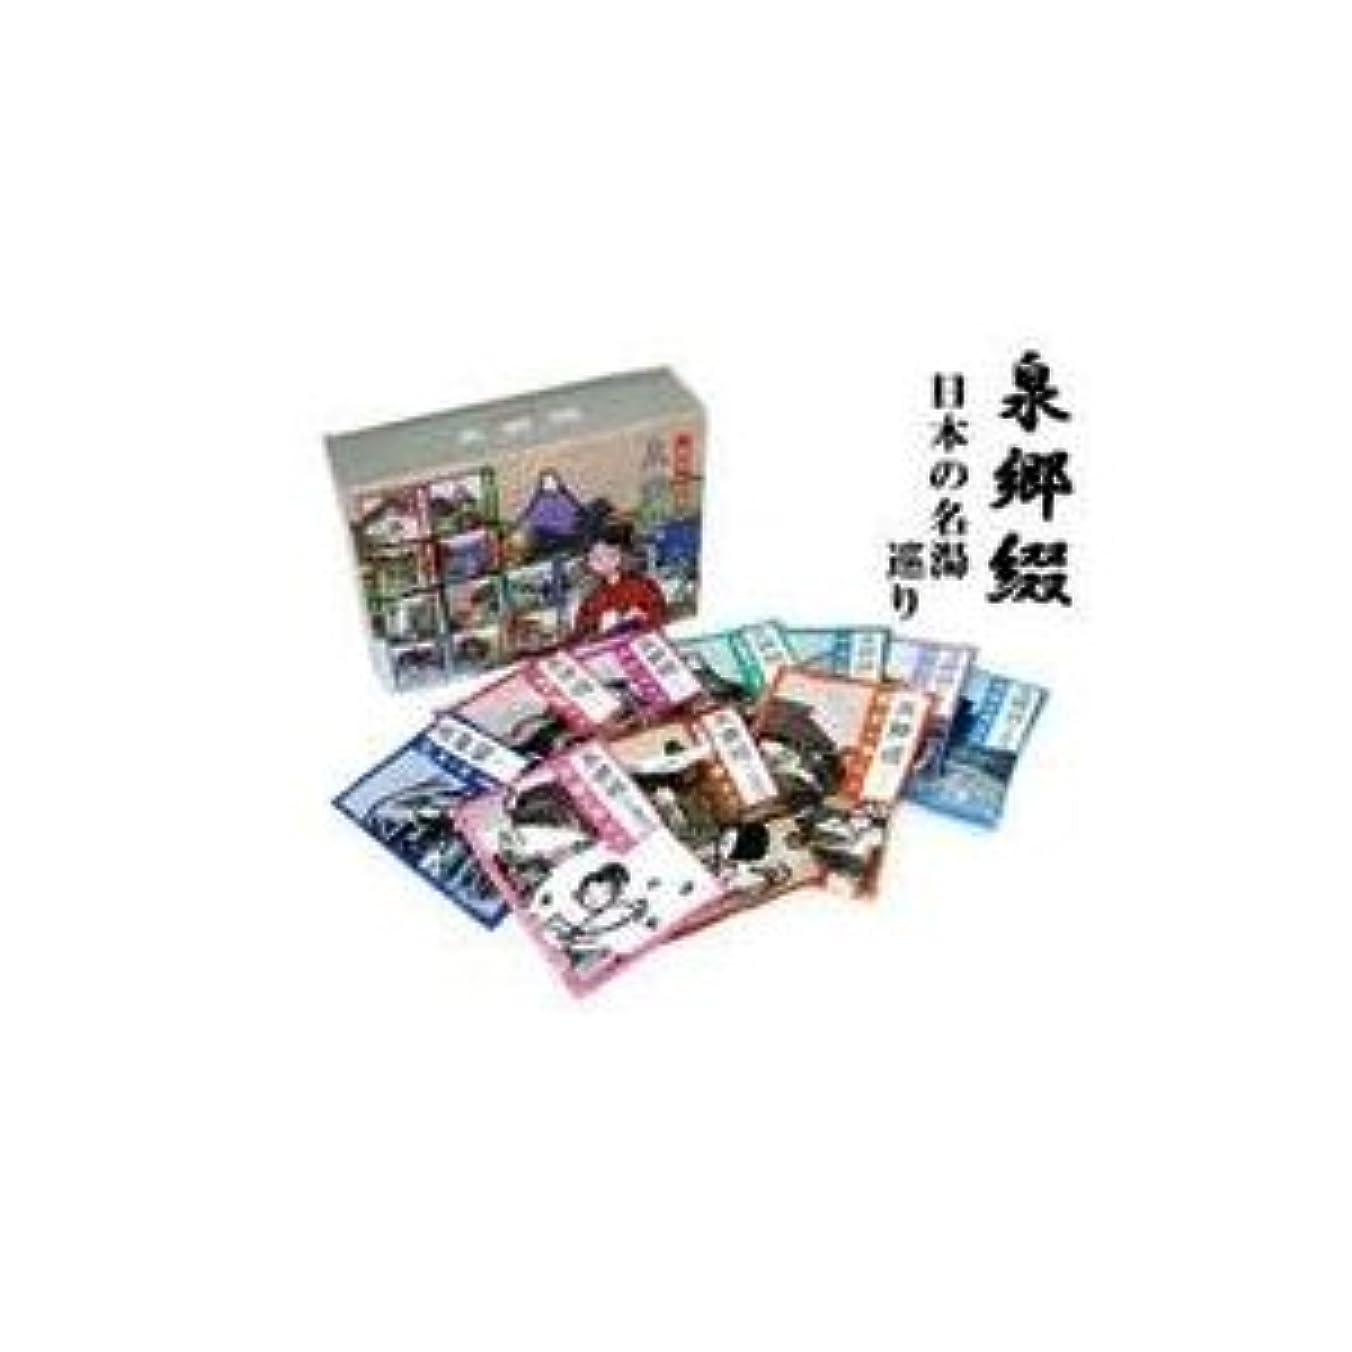 バッジ更新入浴剤 泉郷綴<日本の名湯巡り>(10包入り)日本を代表する温泉10ヶ所の入浴剤(10セット)